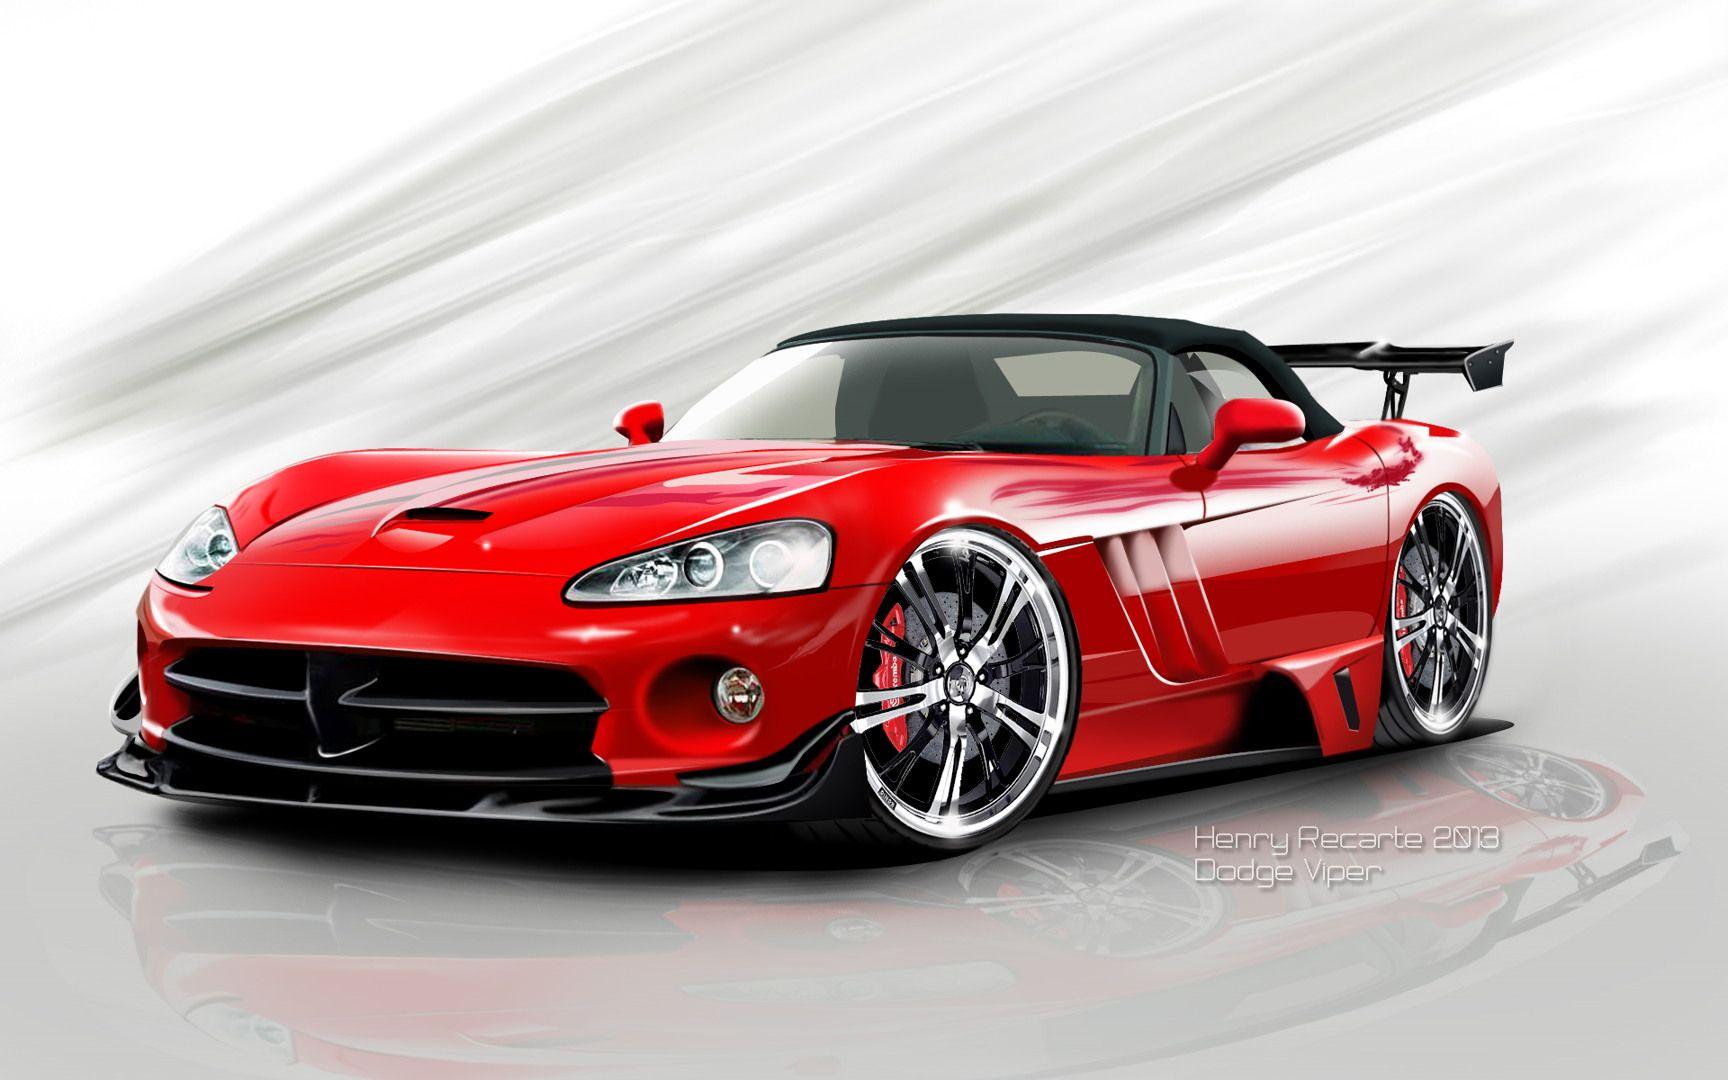 2015 dodge viper sport most expensive car wallpaper